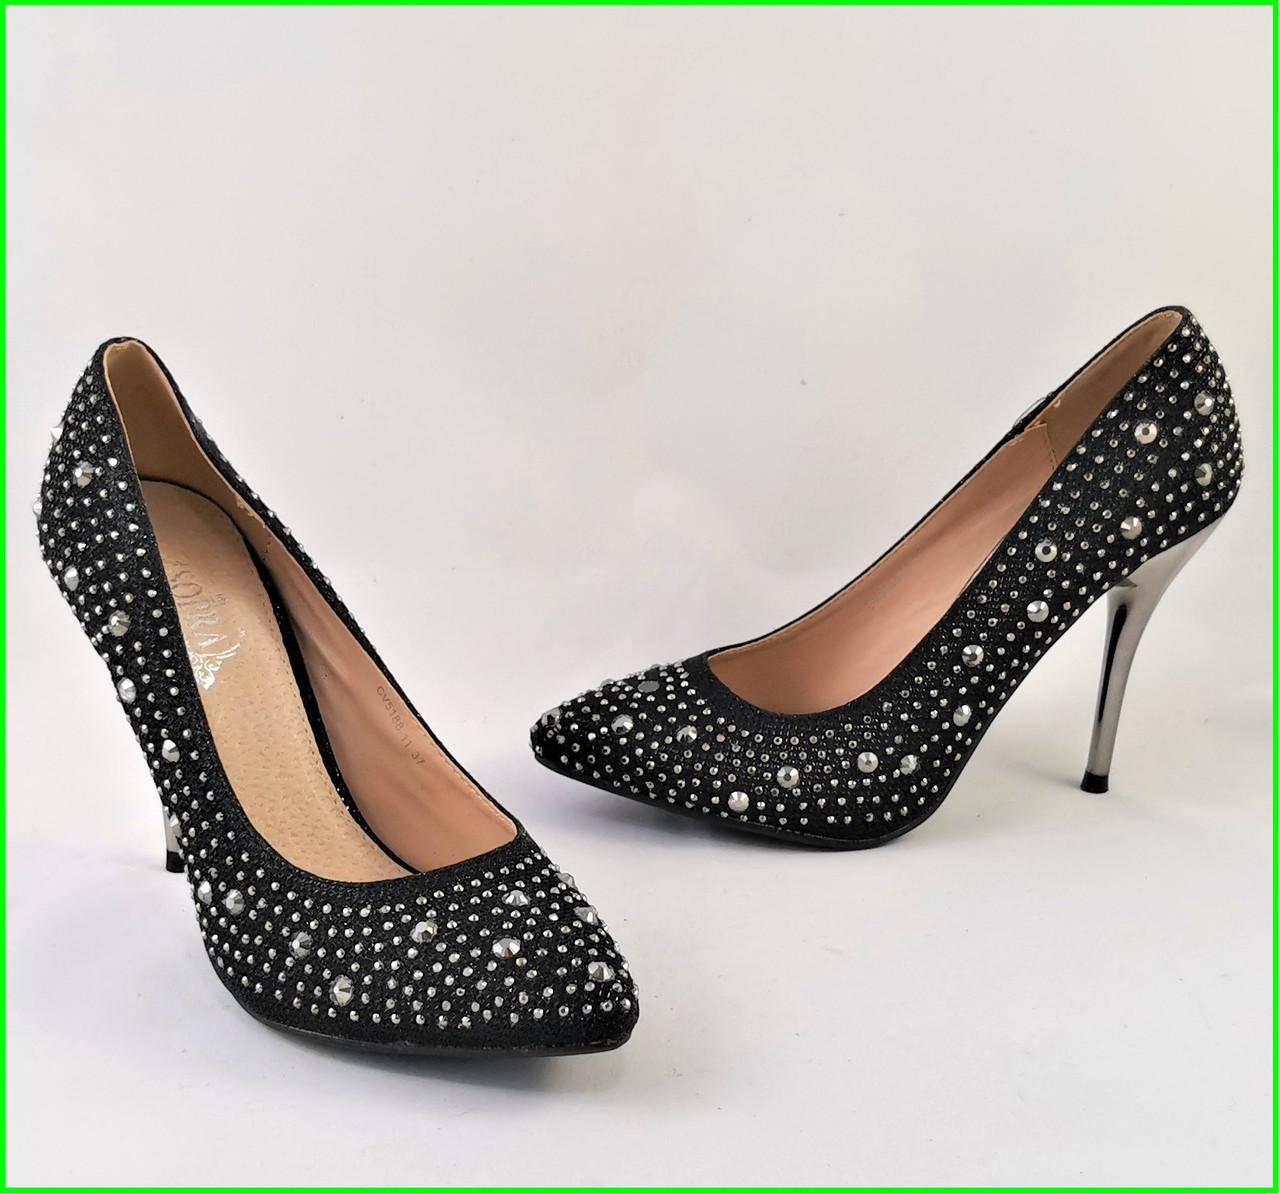 Женские Черные Туфли на Каблуке Модельные Шпилька (размеры: 37,38,39,40) - 11